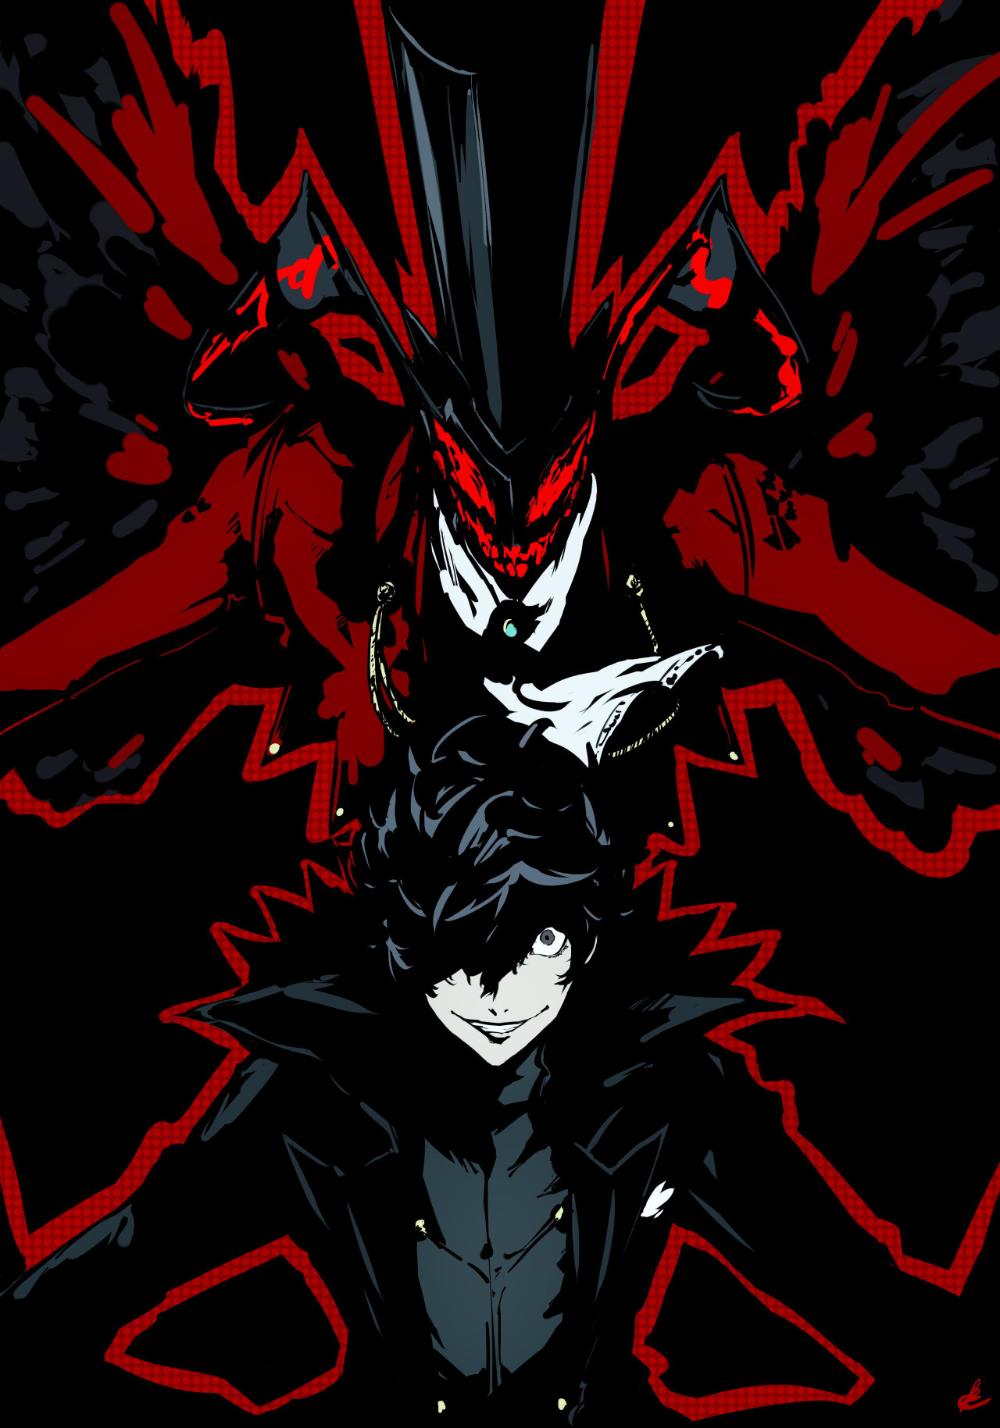 Artstation Persona 5 Protagonist And Arsene Illustration Rae Ariadne Persona 5 Anime Persona 5 Persona